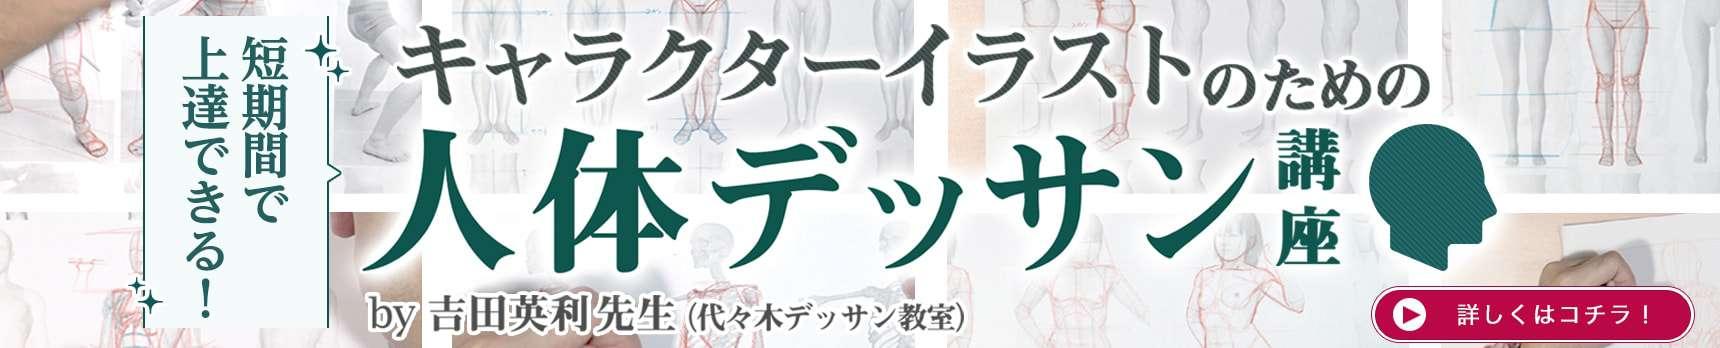 Yoshida banner pc